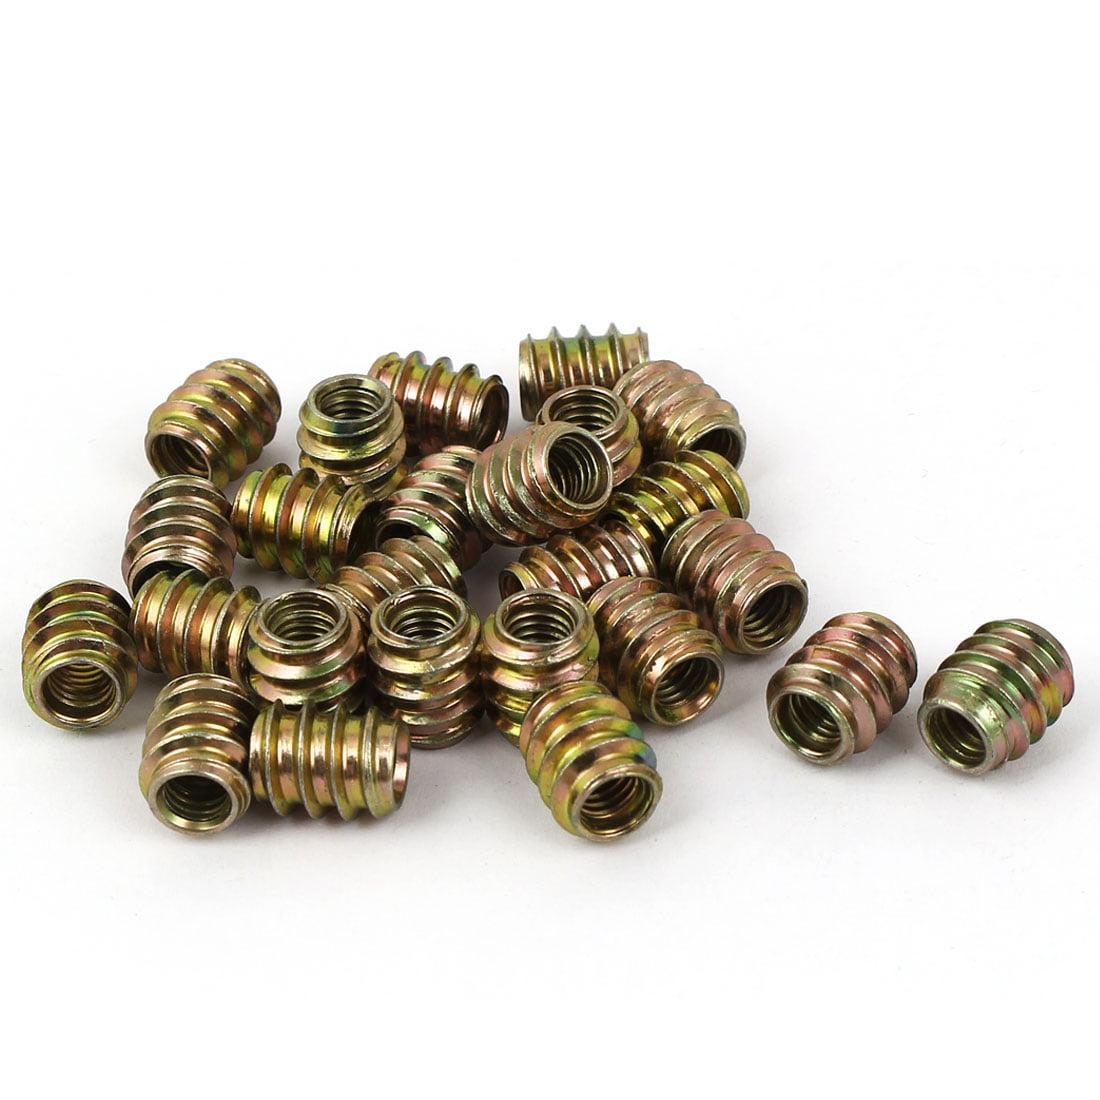 M6x 13mm Meubles Insert e-nuts Lot de 25pour meubles en bois - image 1 de 1